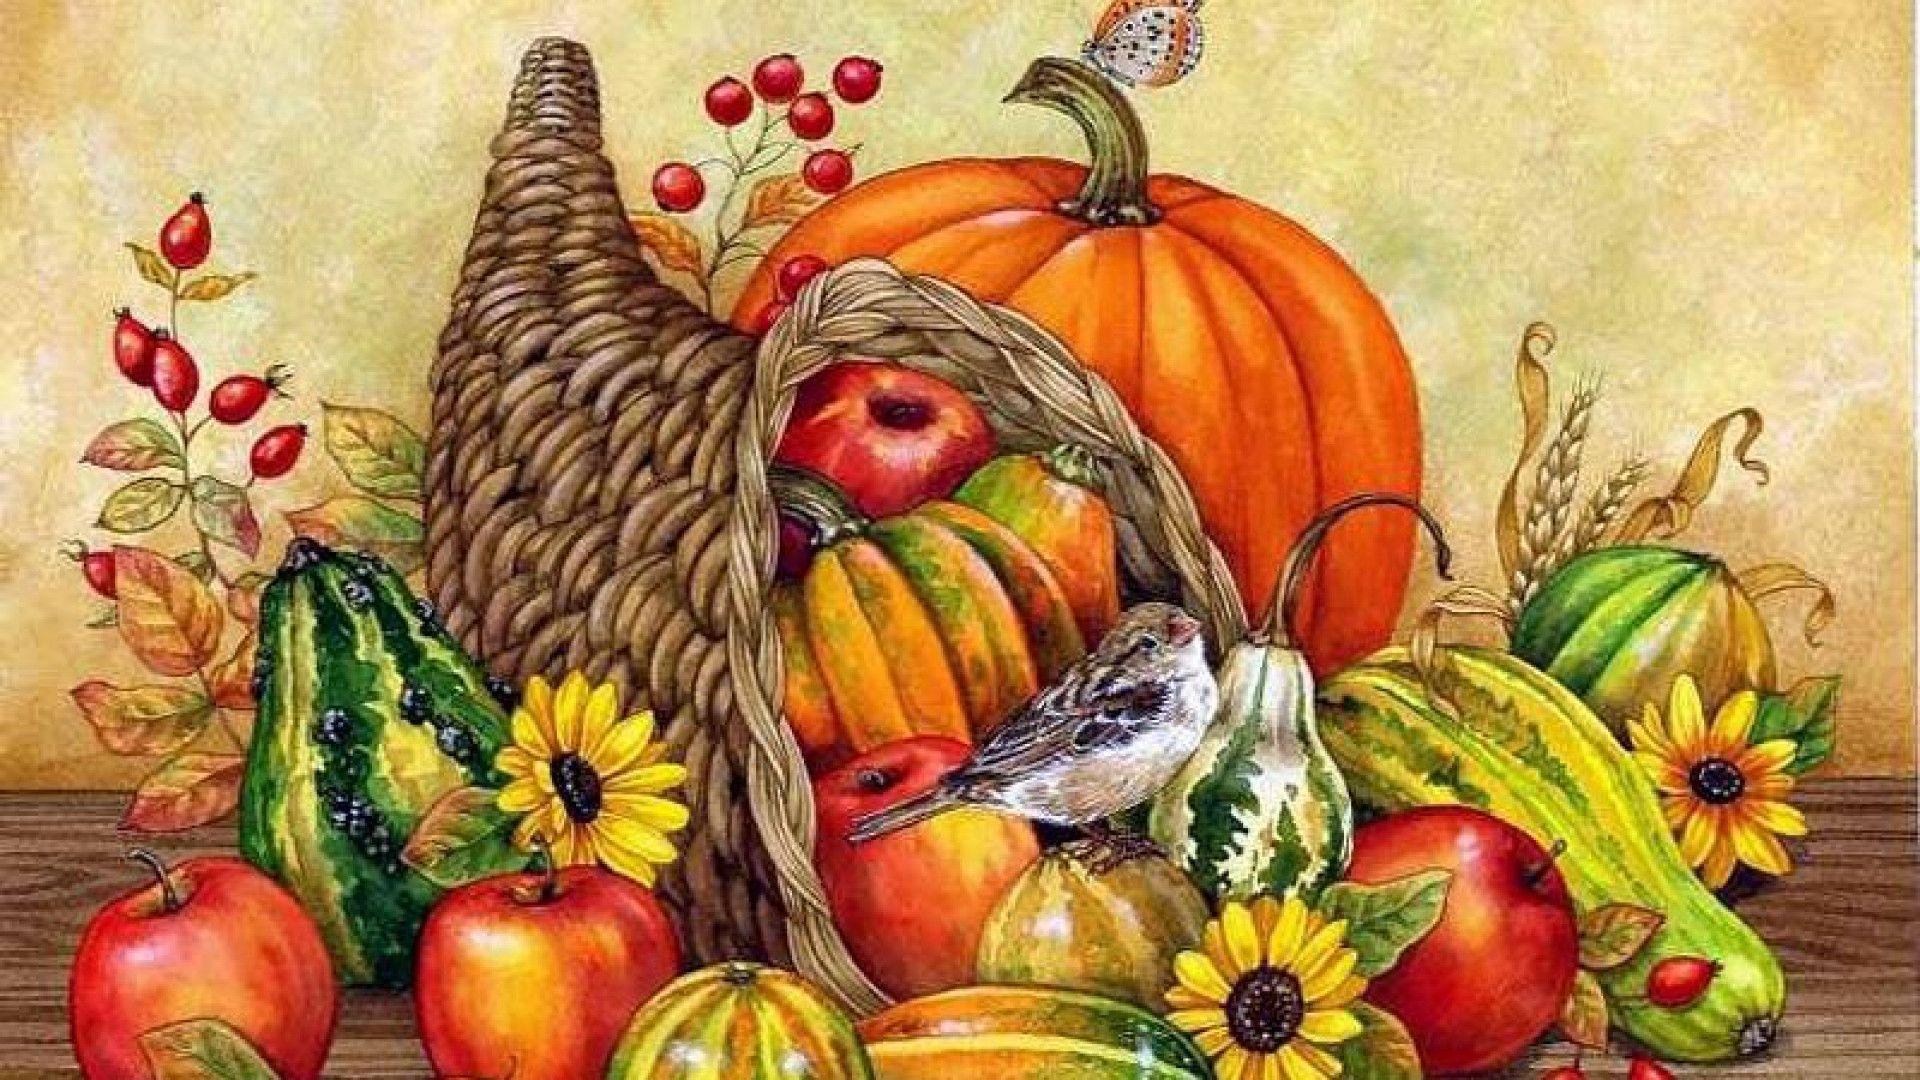 turkey wallpaper 1920x1080 - photo #26